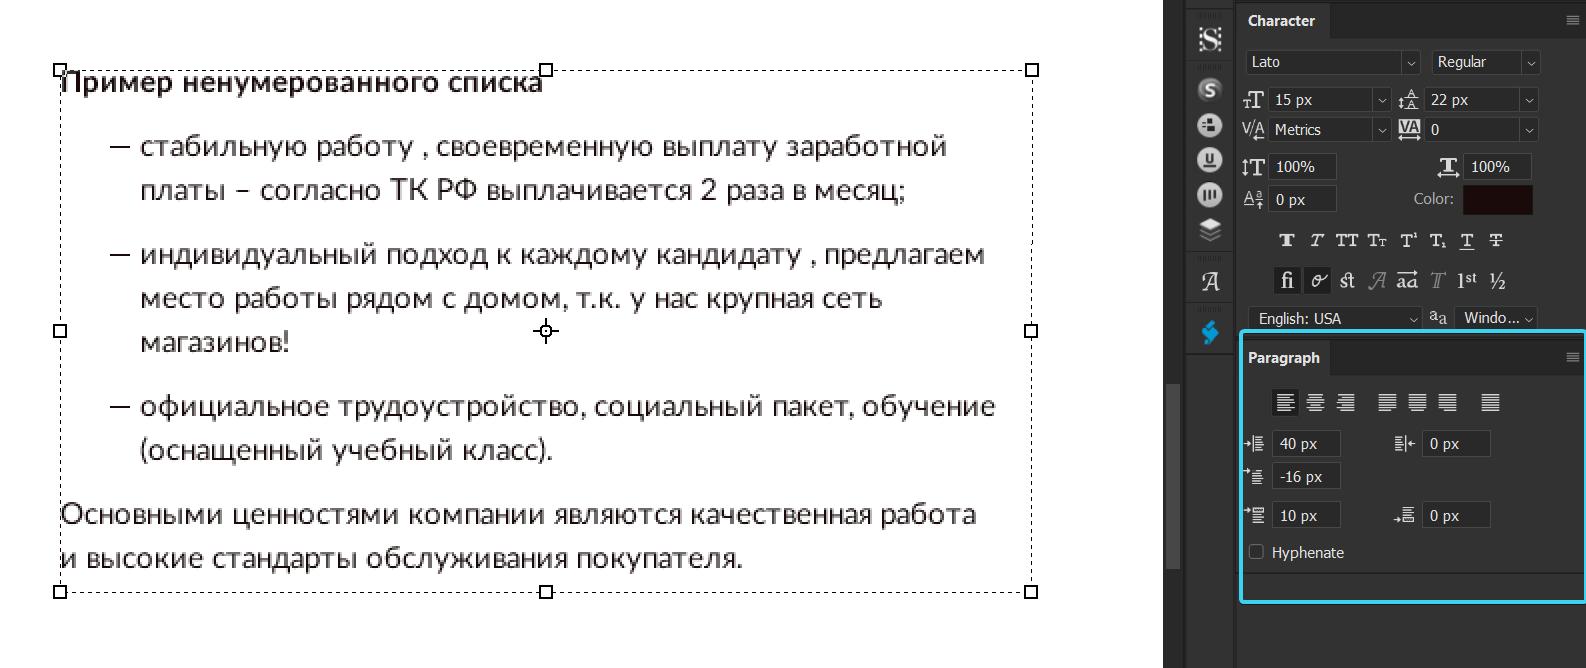 Пример списка в Фотошоп. Обратите внимание на хитрые отступы в панели Paragraph. Они позволяют мне сохранять единый отступ пунктов списка по отношению к буллетам